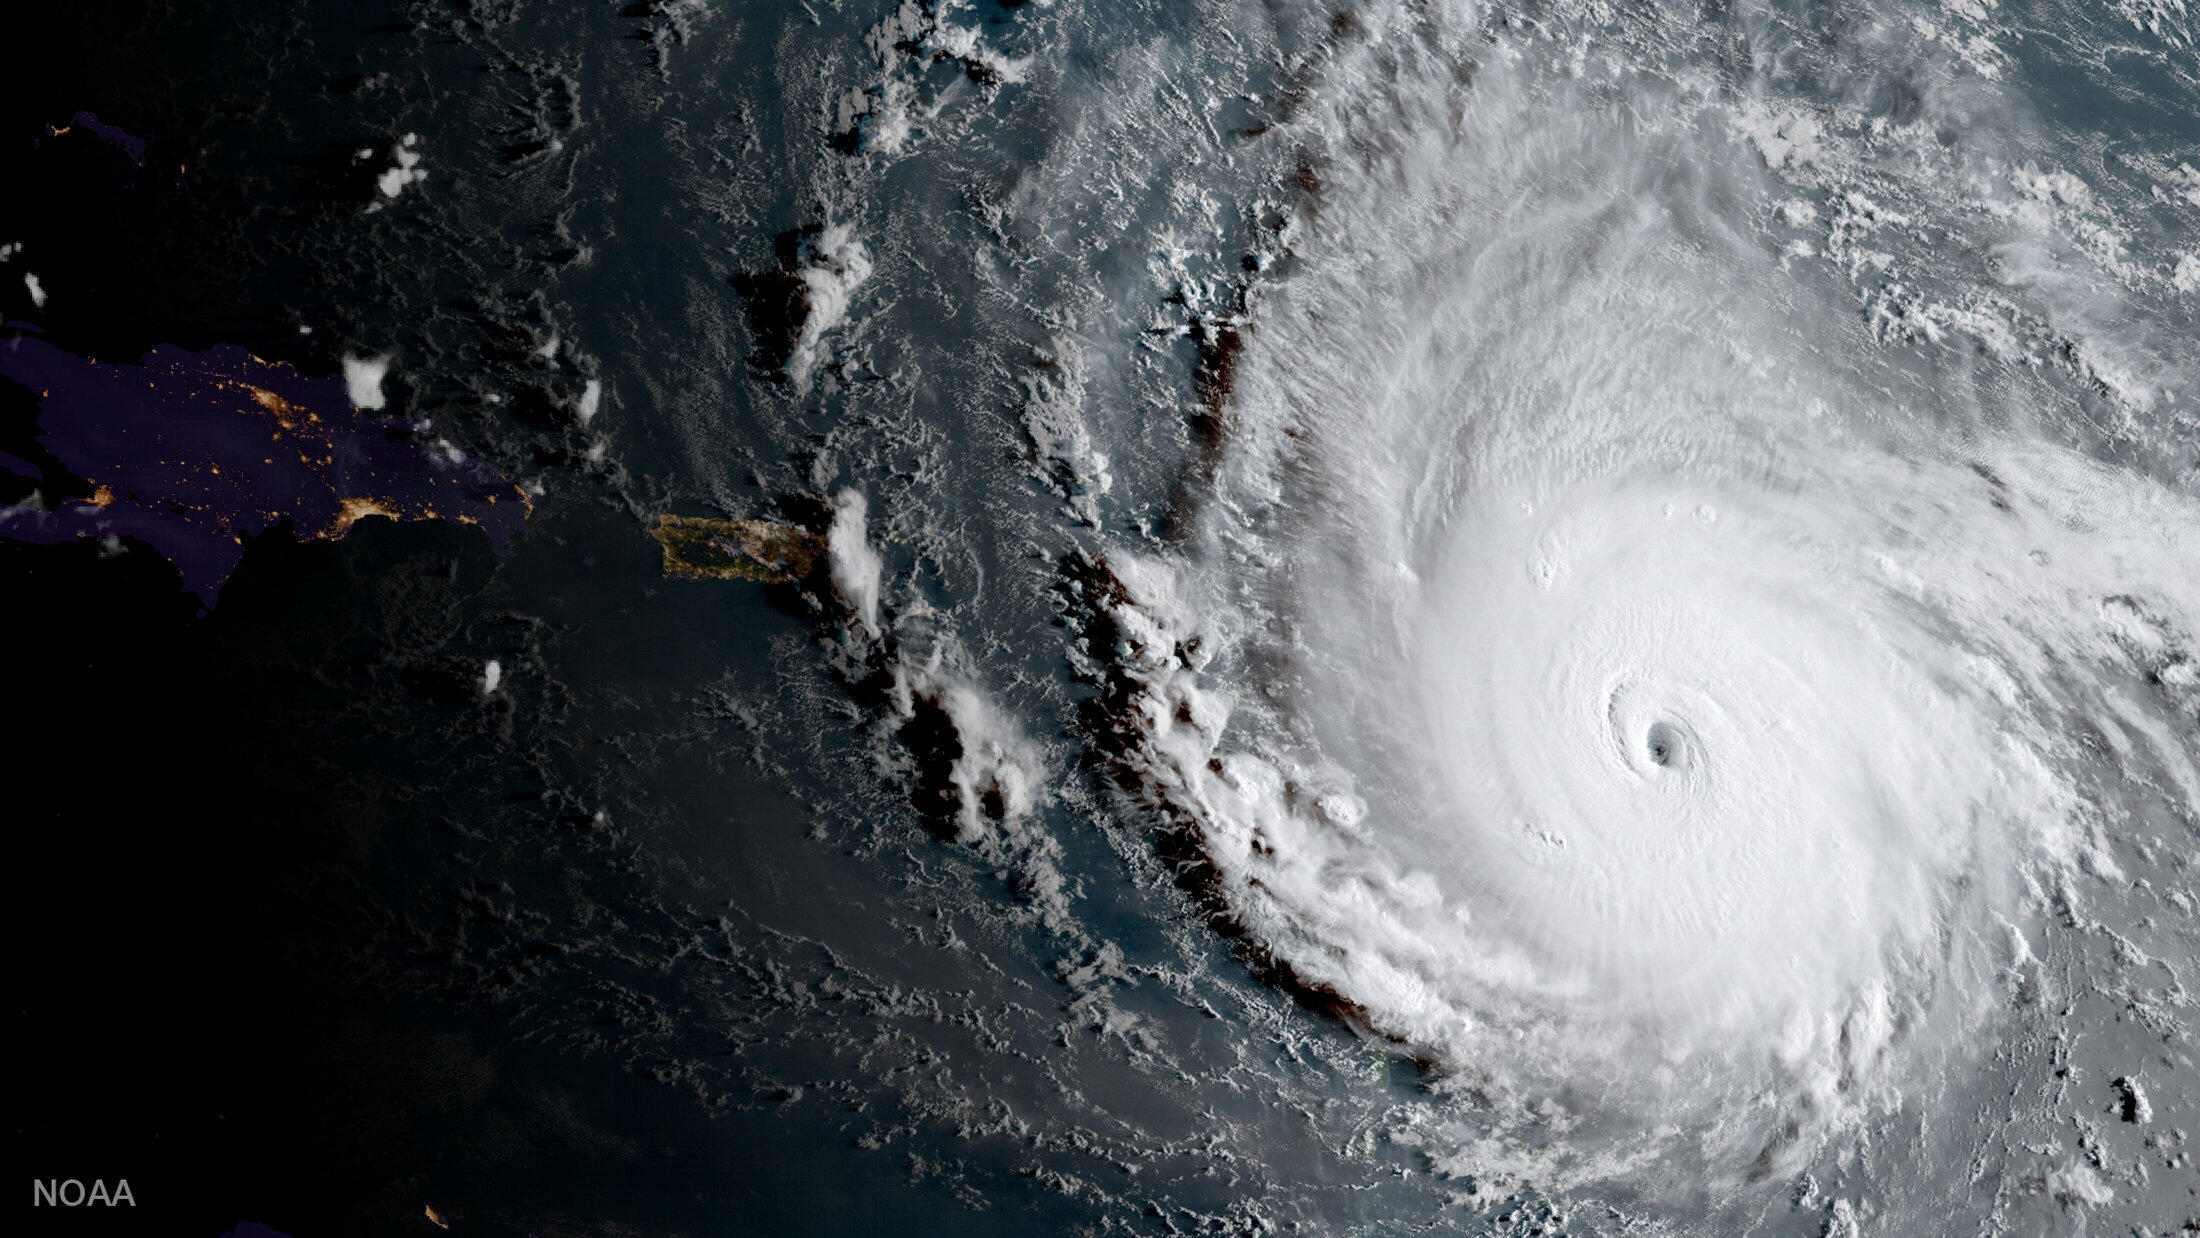 Irma, bão cấp 5, là cơn bão mạnh nhất từ trước đến nay trên Đại Tây Dương.